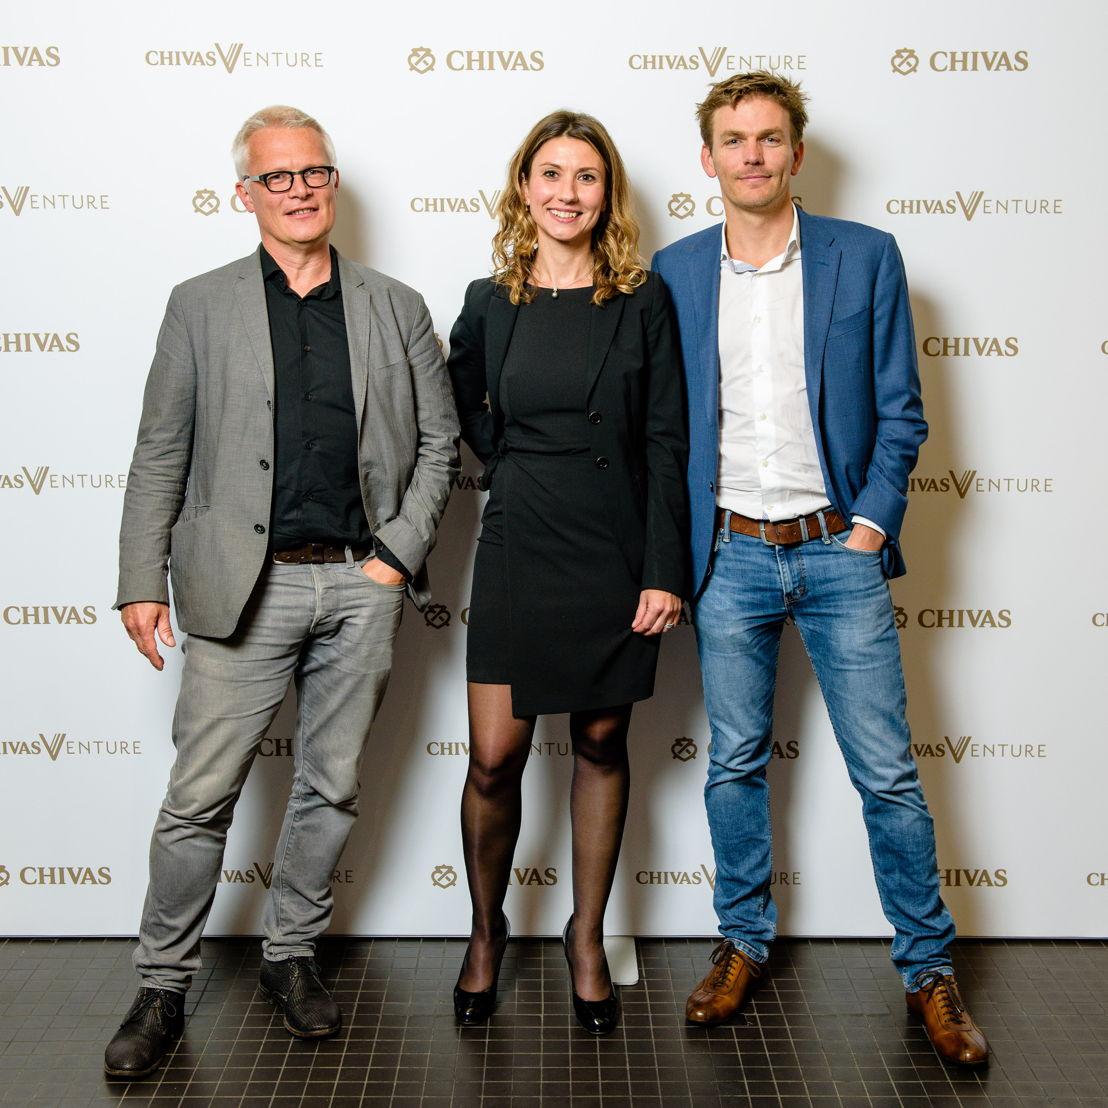 Les juges de la compétition Chivas Venture 2018. De gauche à droite : Piet Colruyt, Laurence Hulin (représente de Jean-Michel Ludwig) et Michaël Van Cutsem